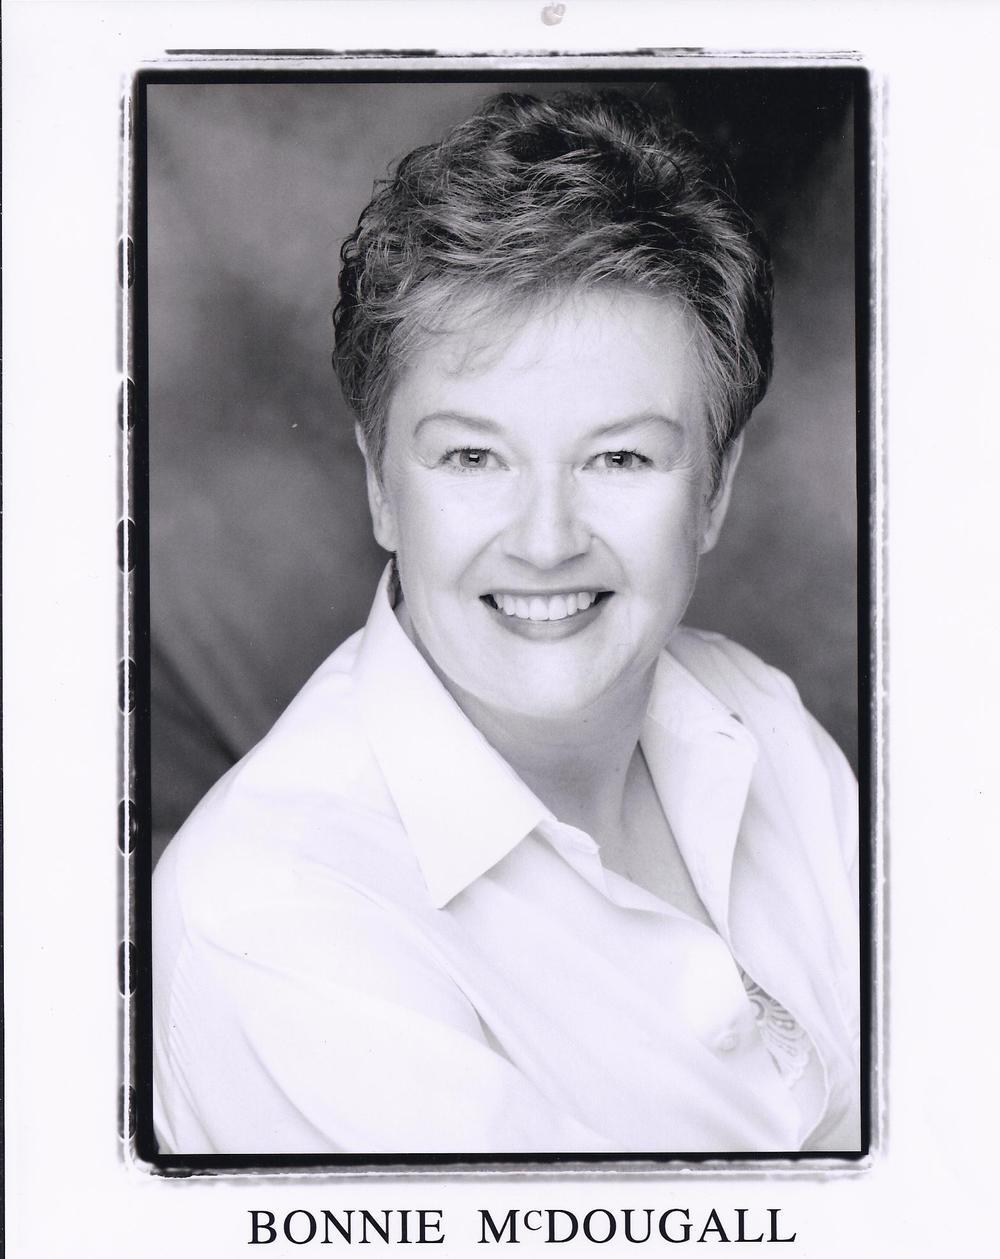 Bonnie McDougall